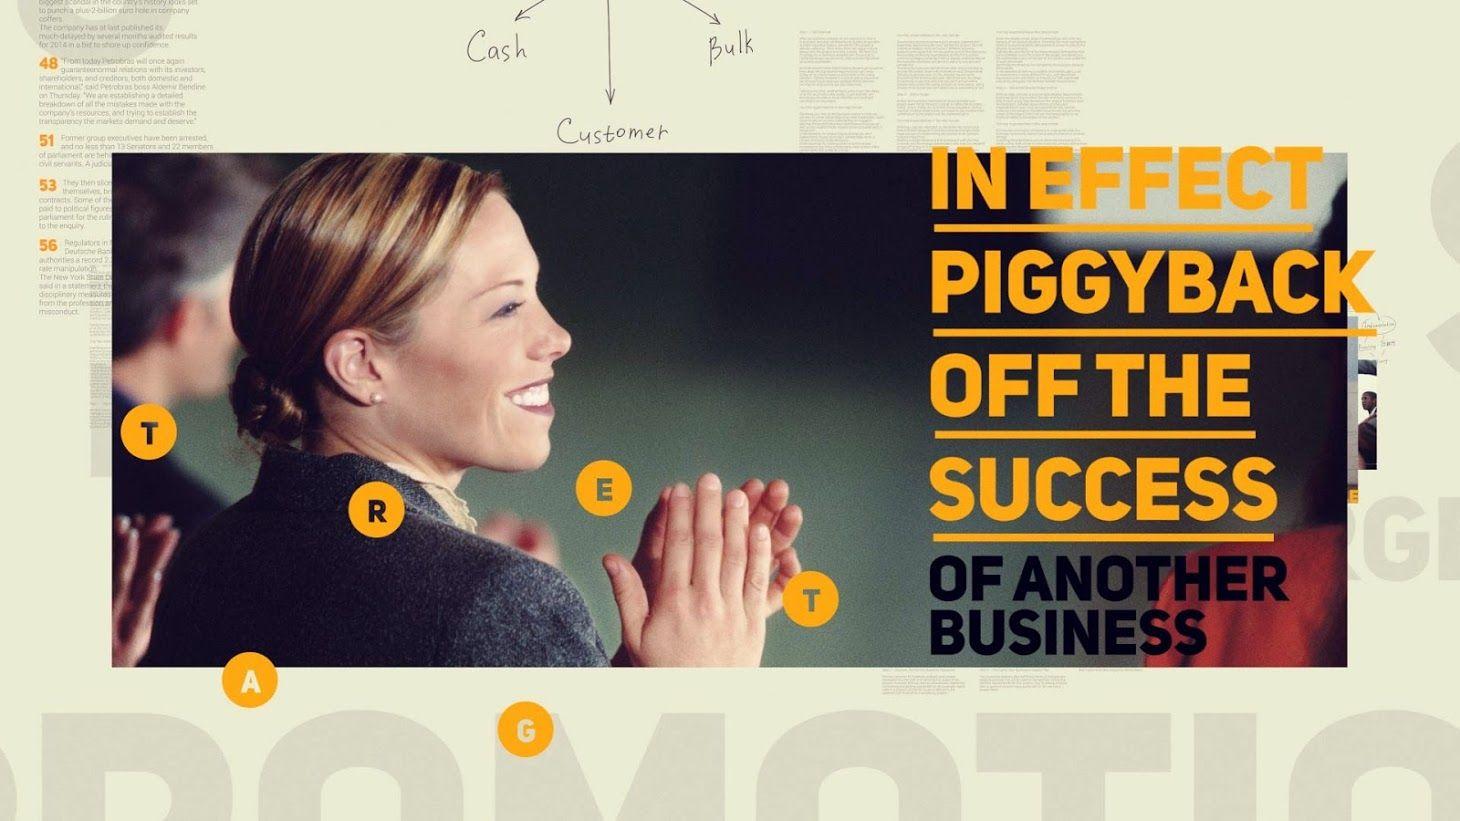 دانلود پرومو تیزر تبلیغاتی کسب و کار